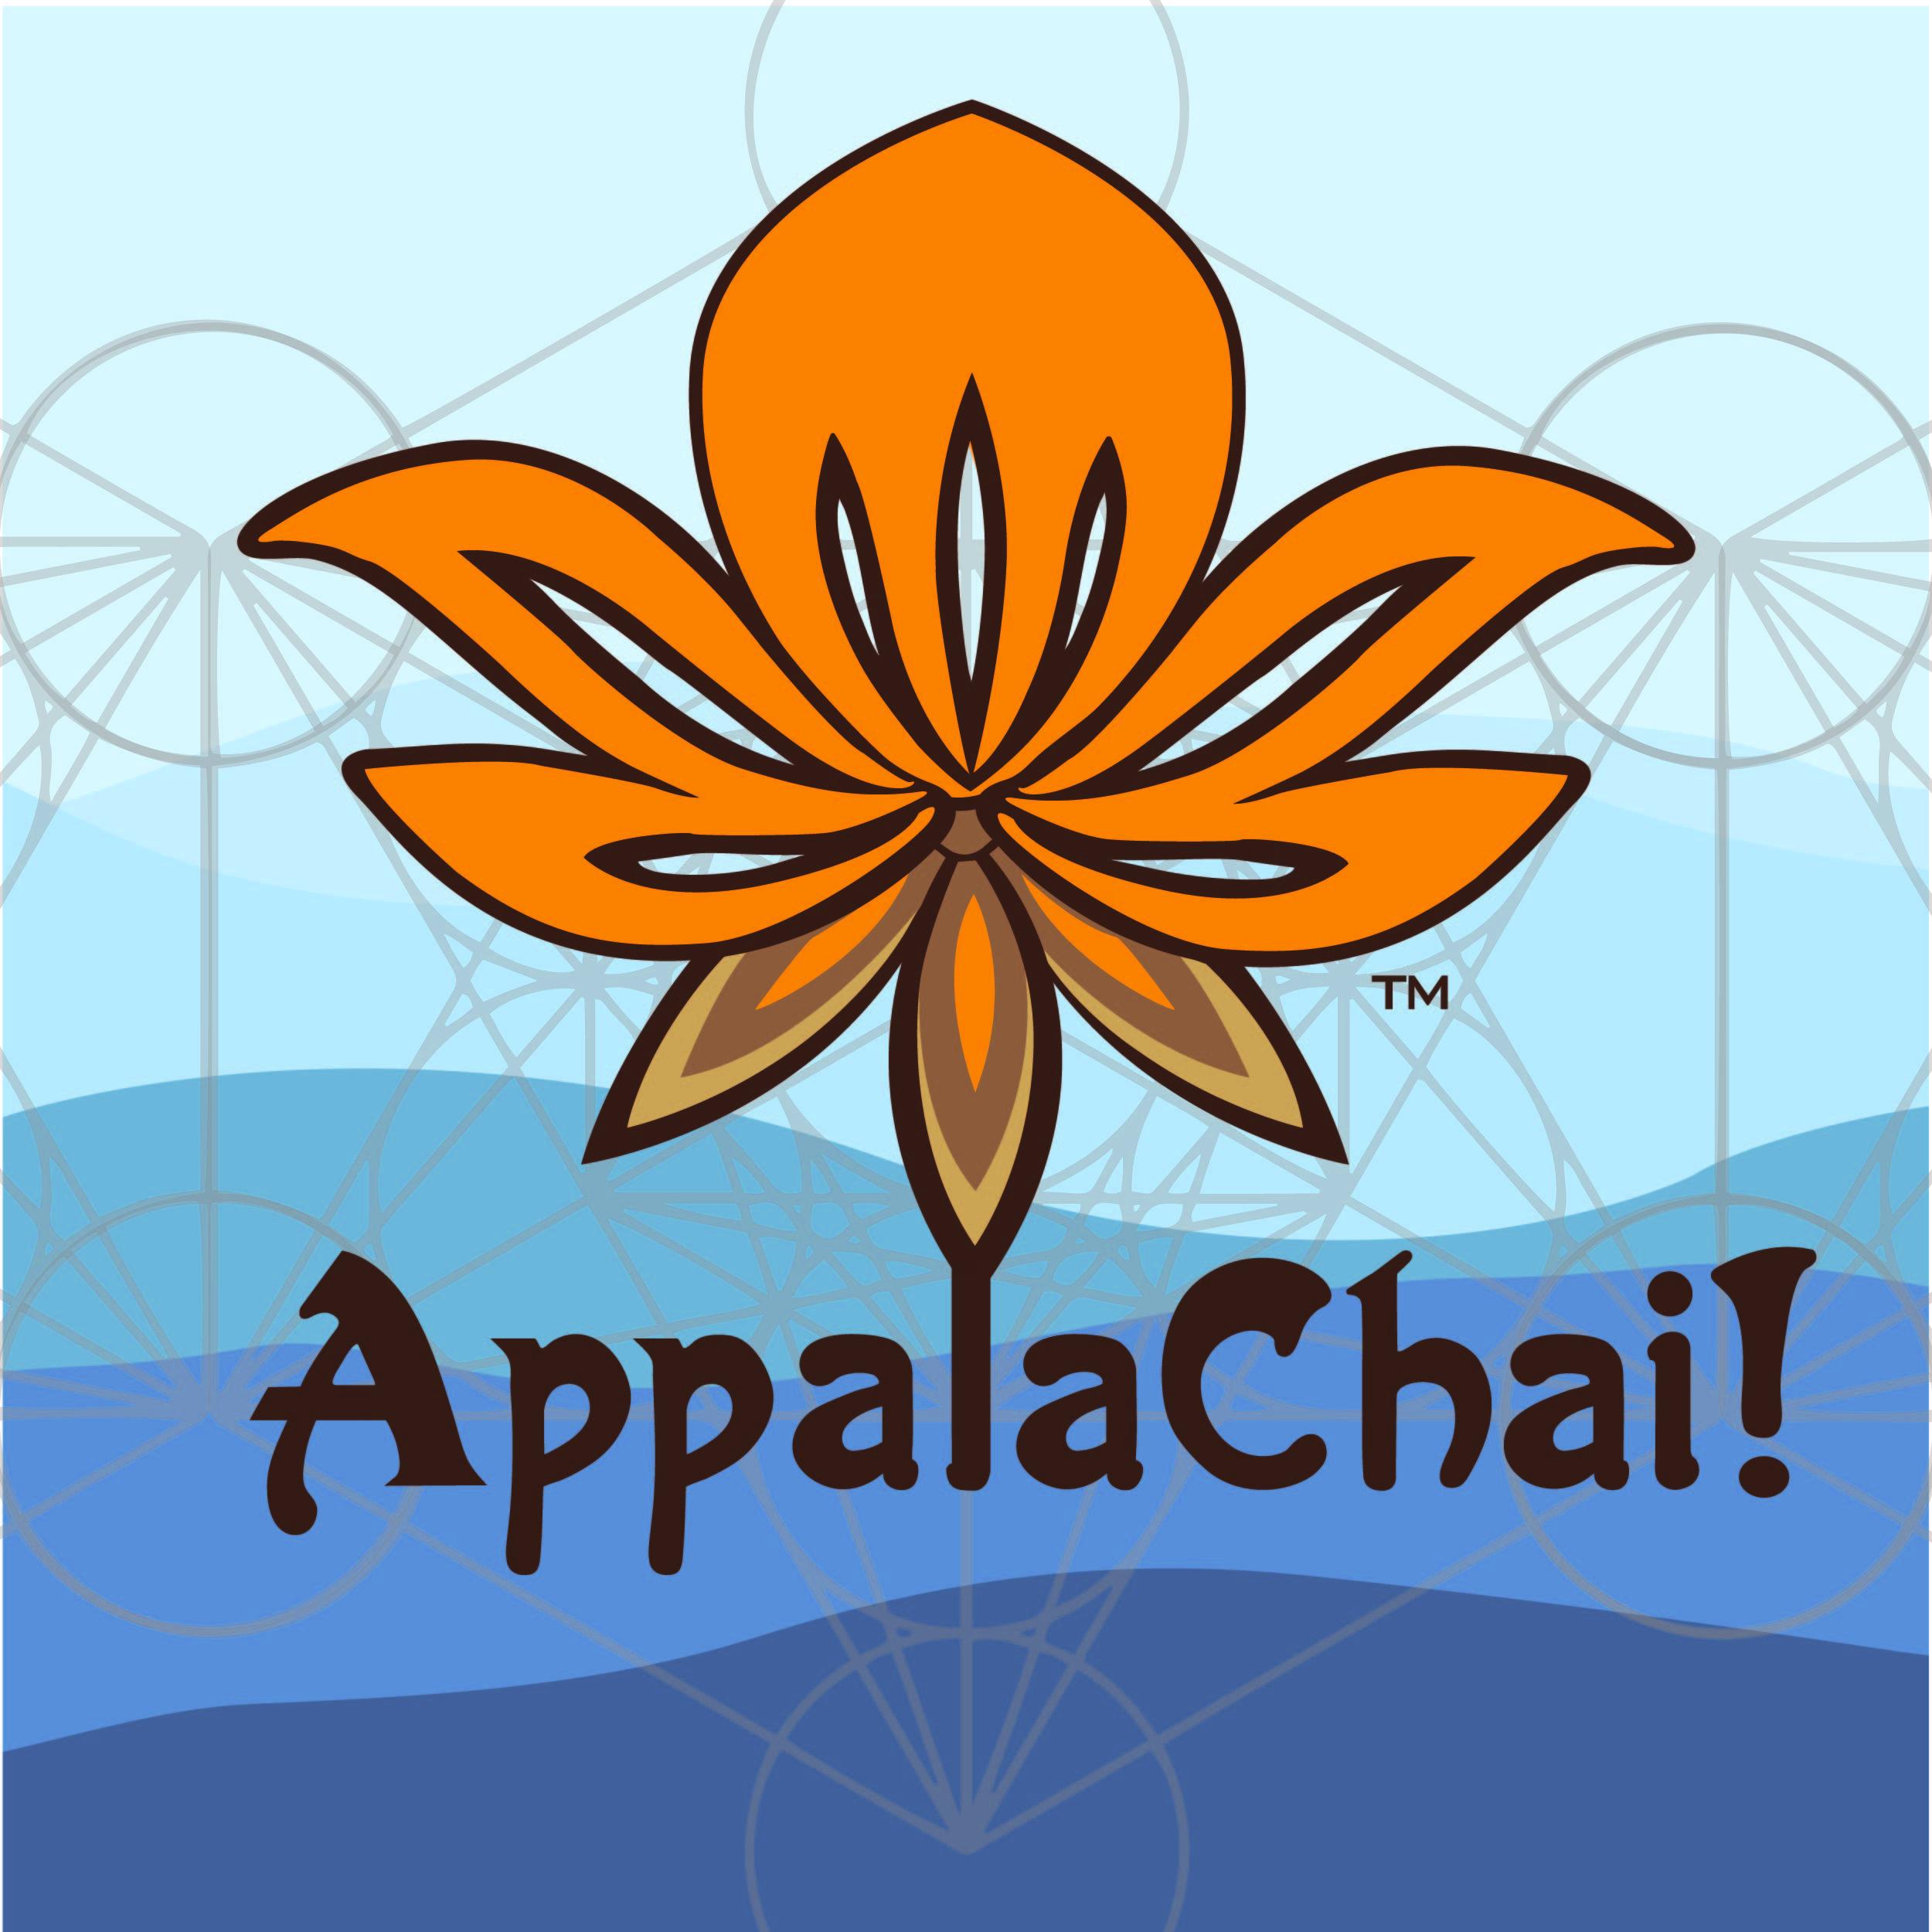 Appalachai_Icon-03 (1) (1) - AppalaChai Concentrate.jpg